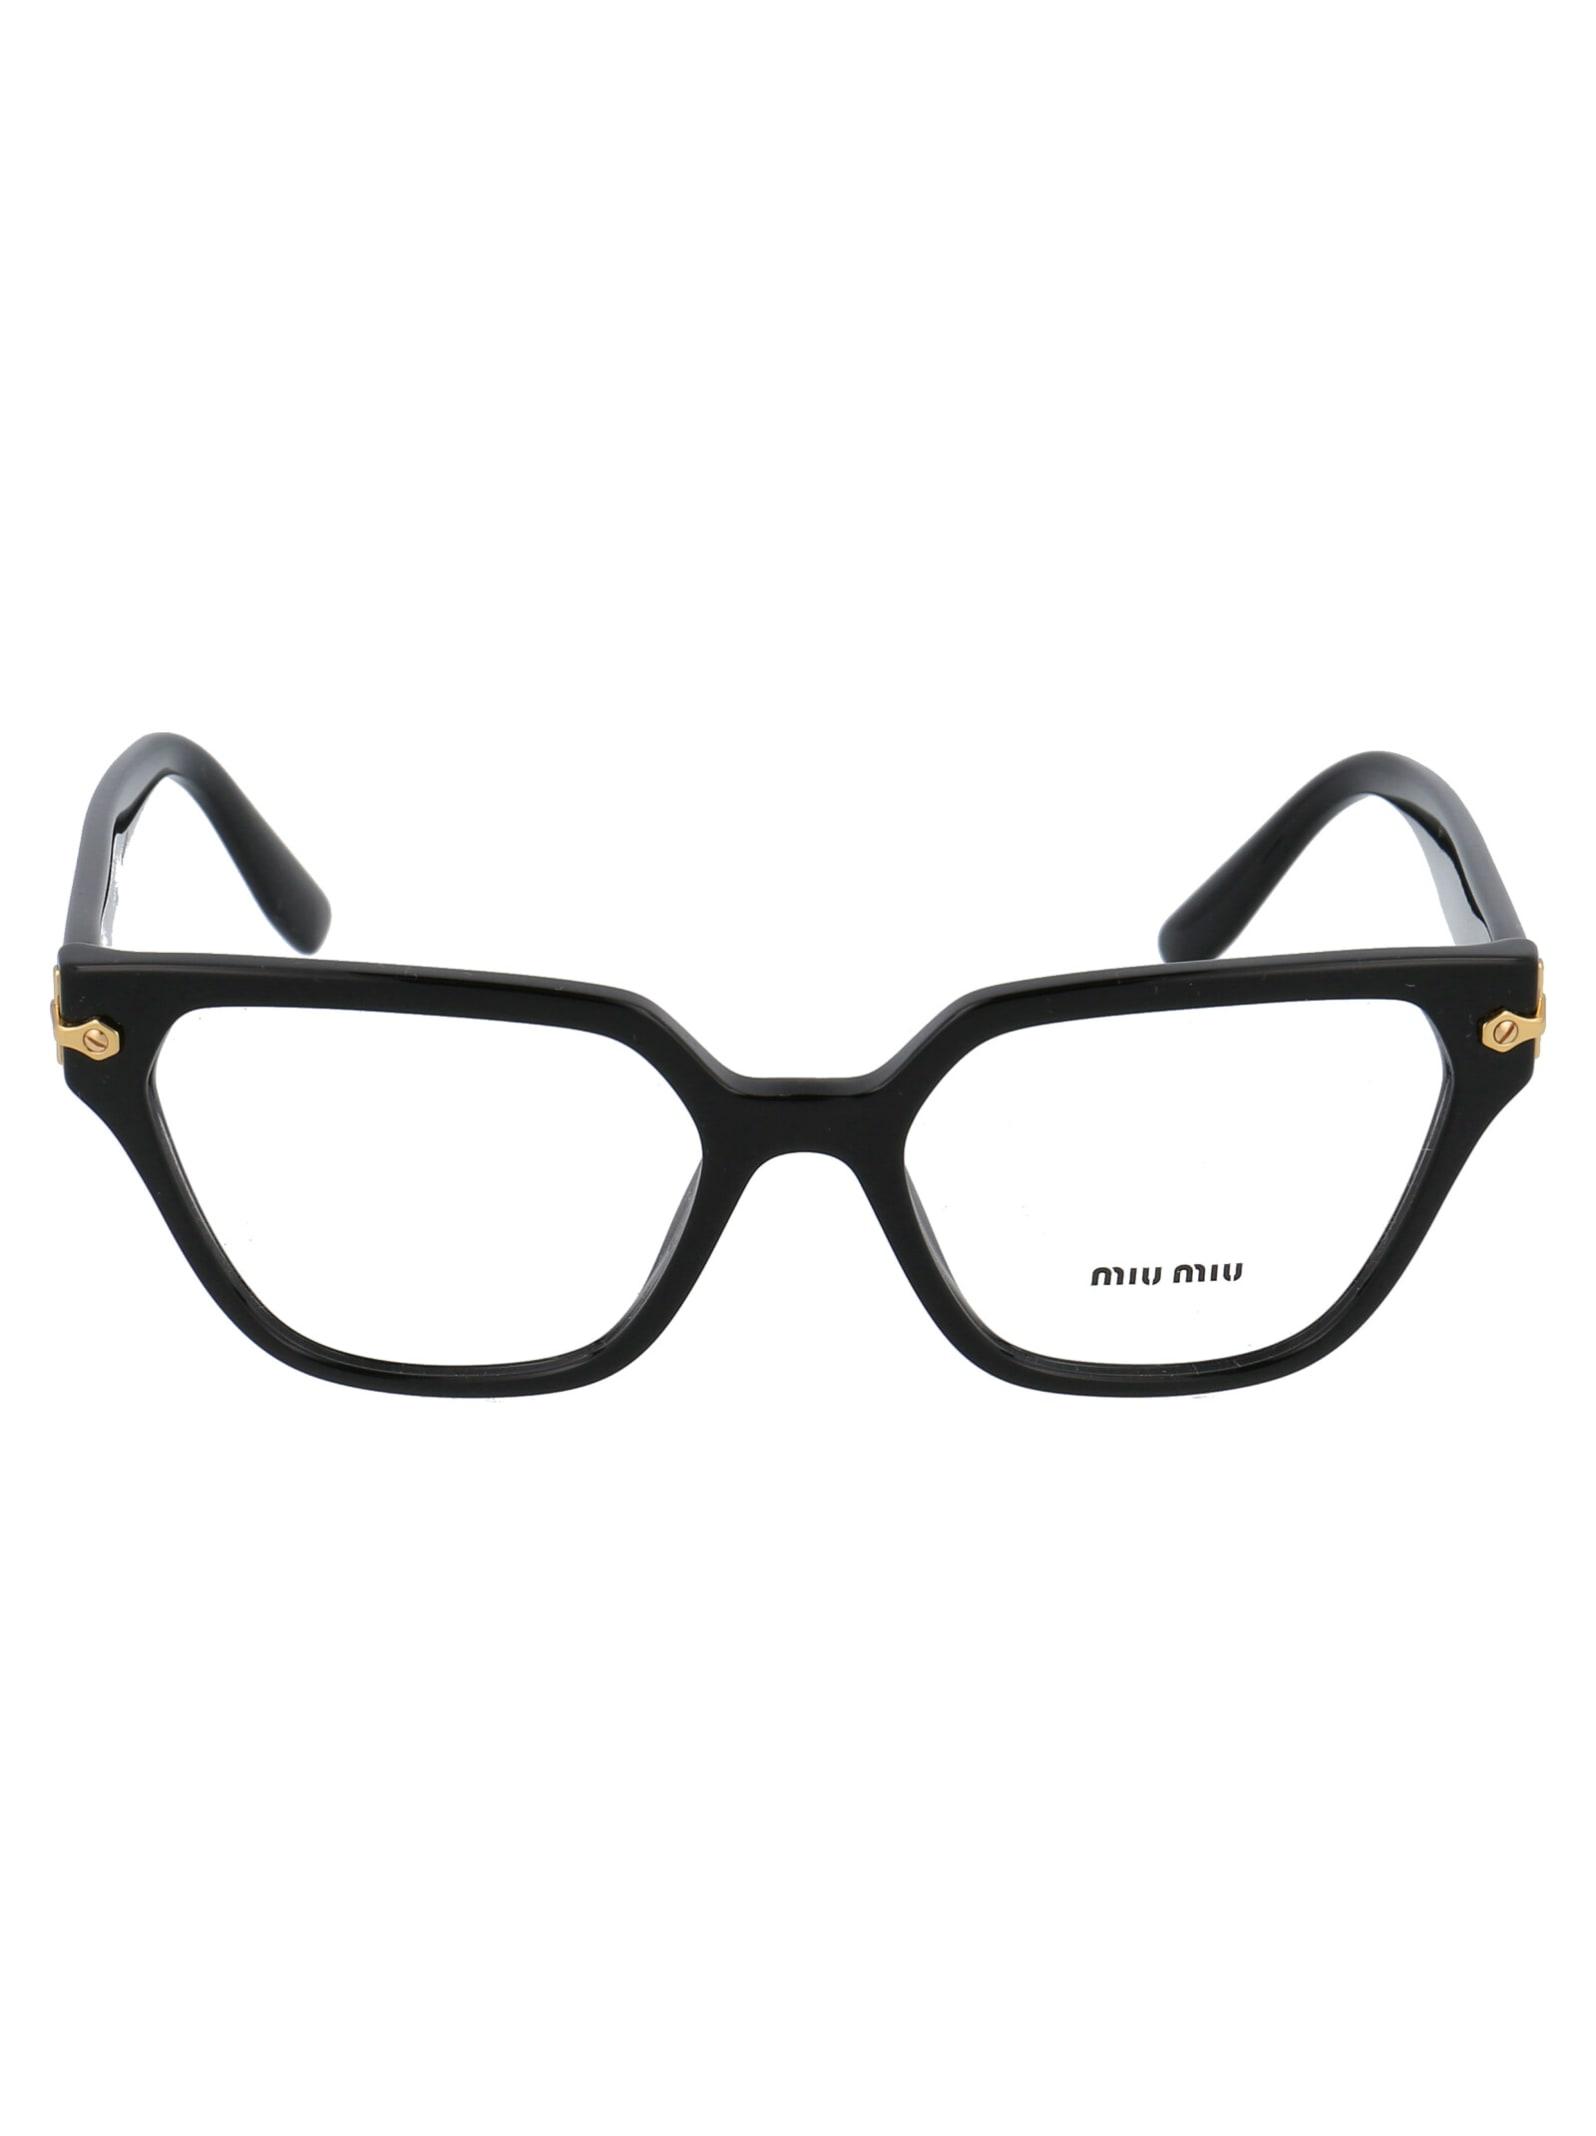 Miu Miu 0mu 02tv Glasses